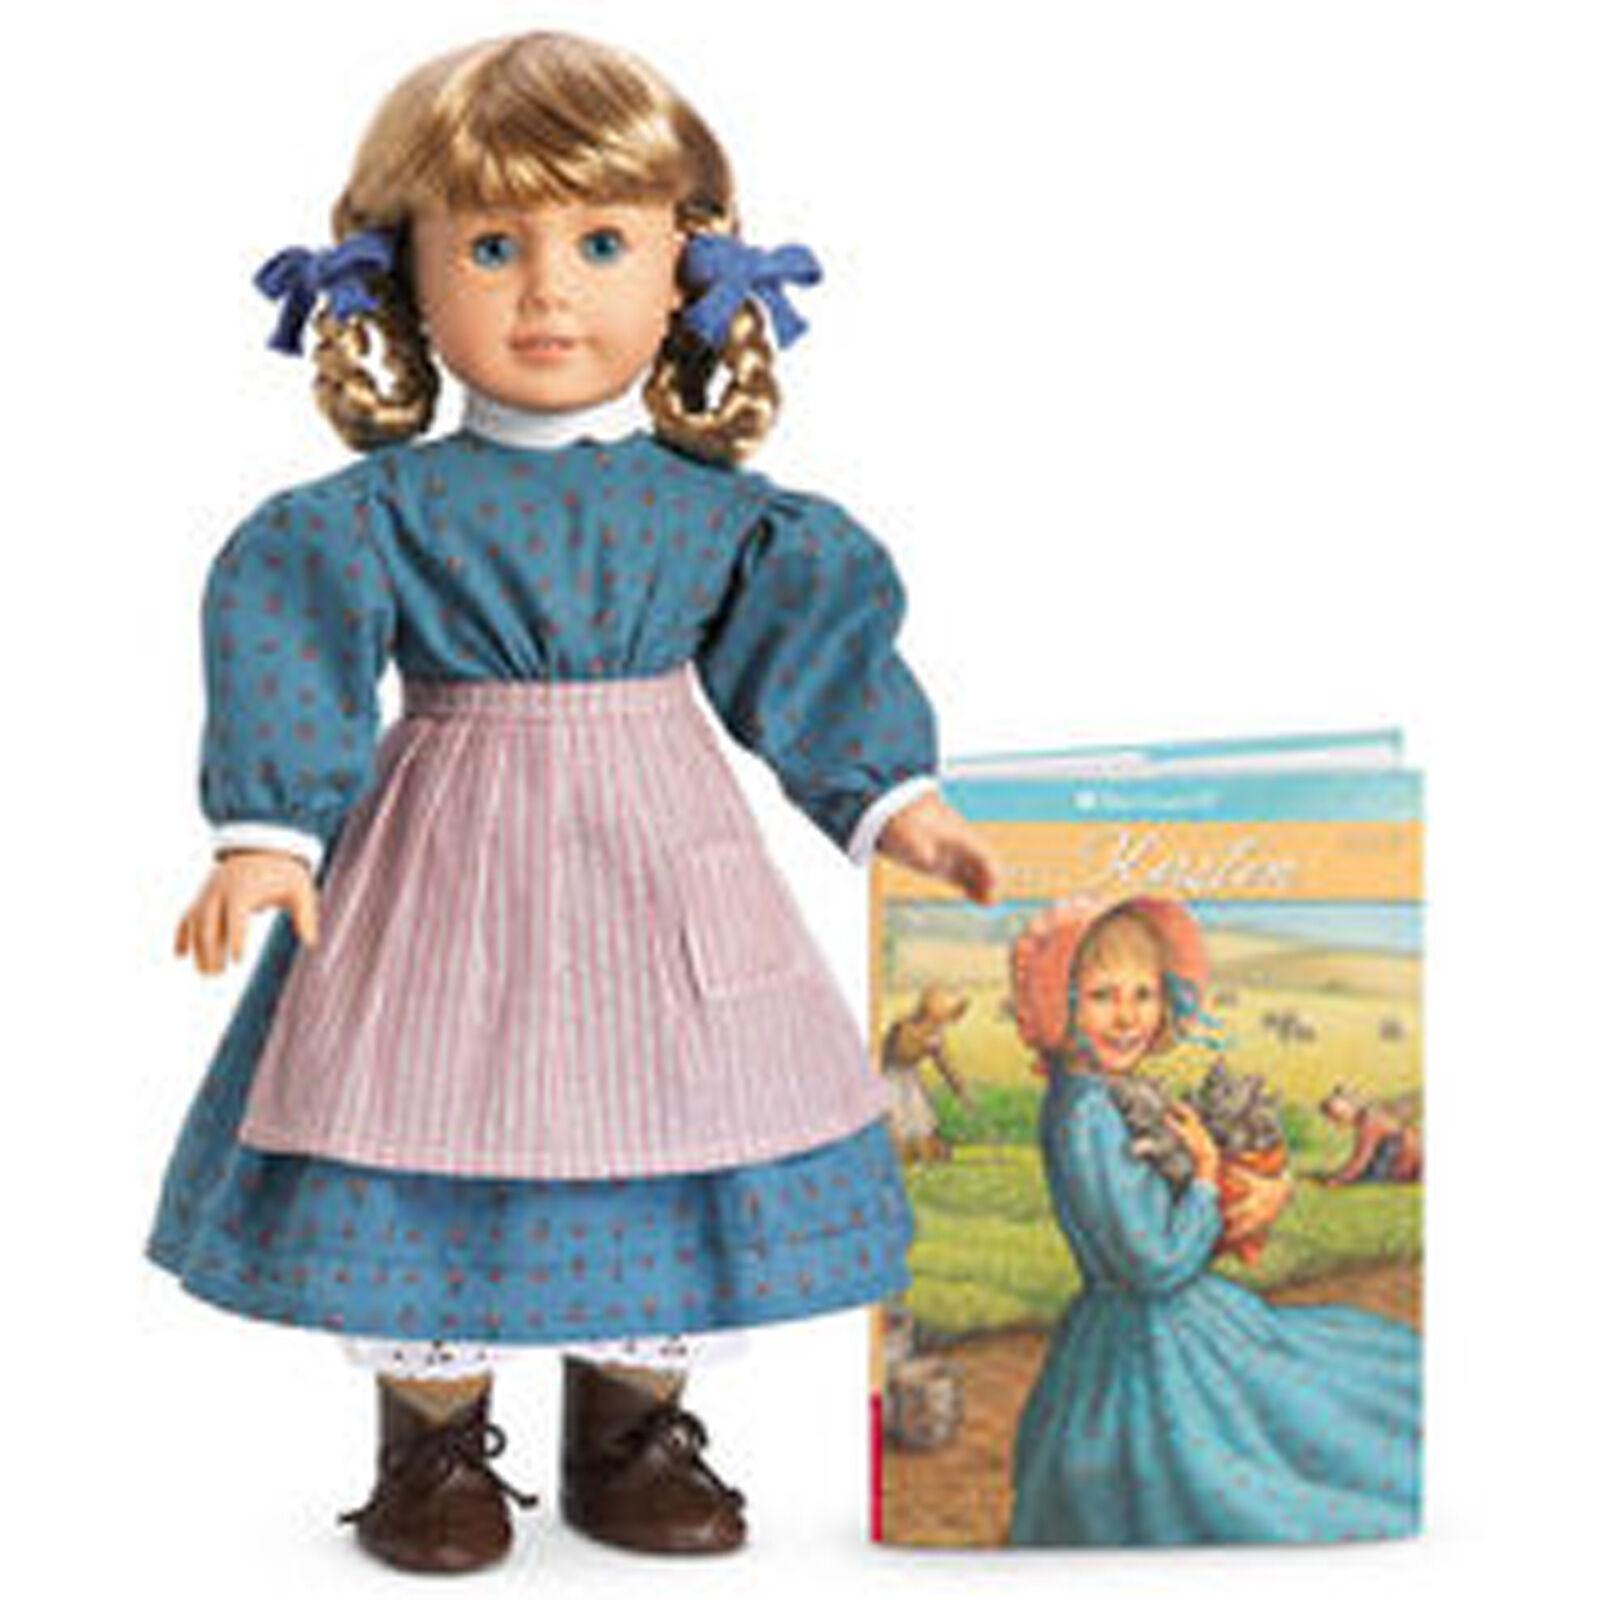 American Girl Doll 29000 en Caja Kirsten y libro de bolsillo